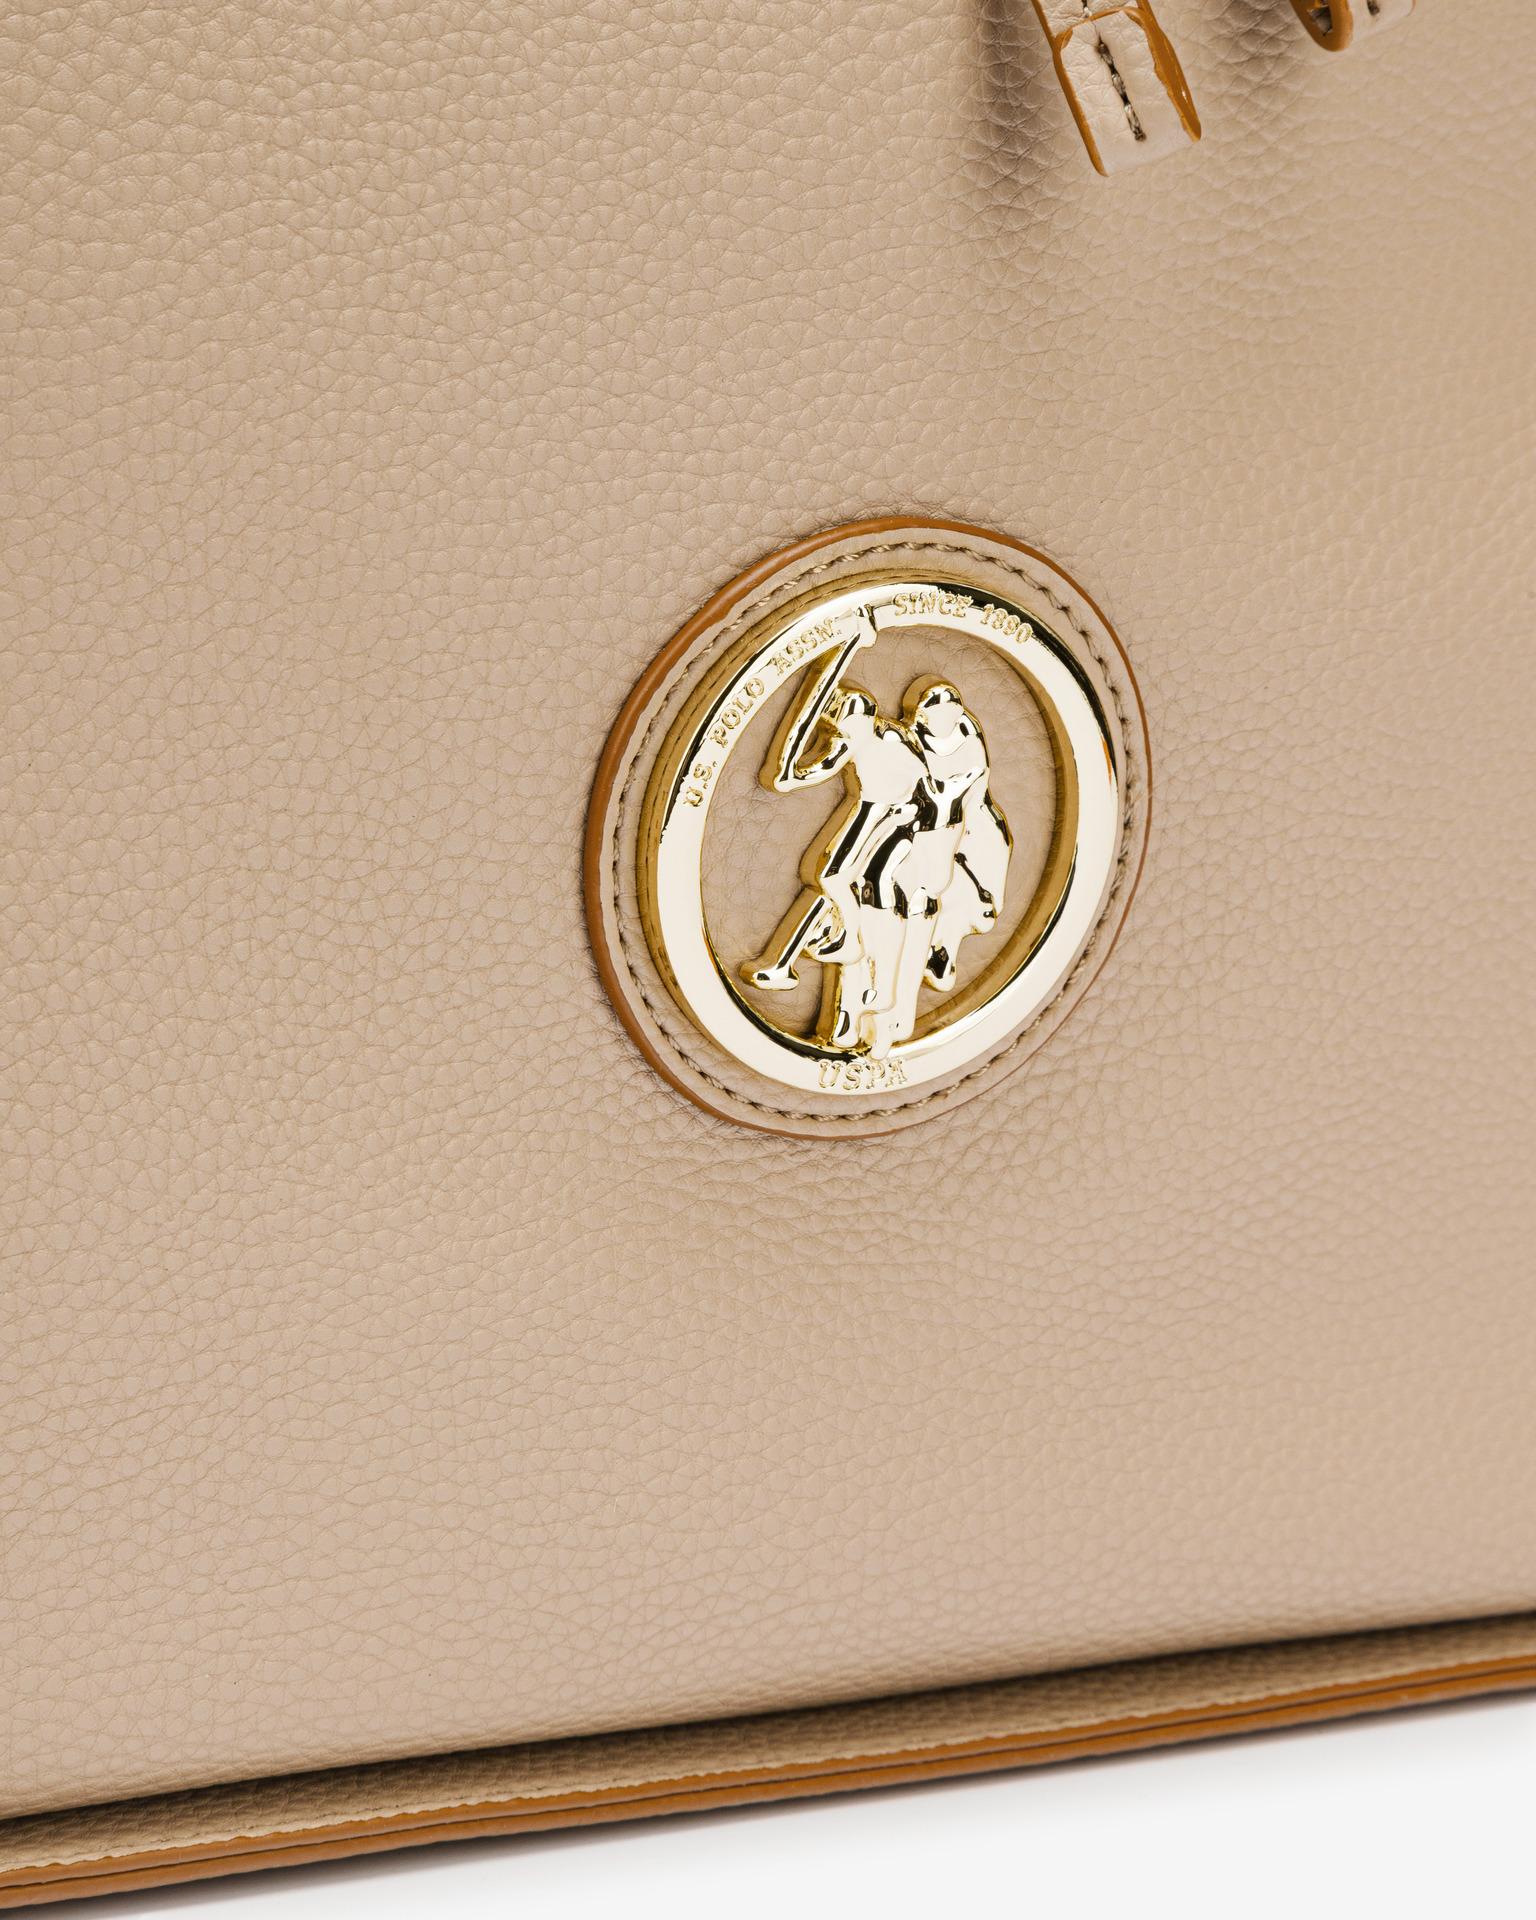 U.S. Polo Assn. Borsetta donna marrone  Hobo